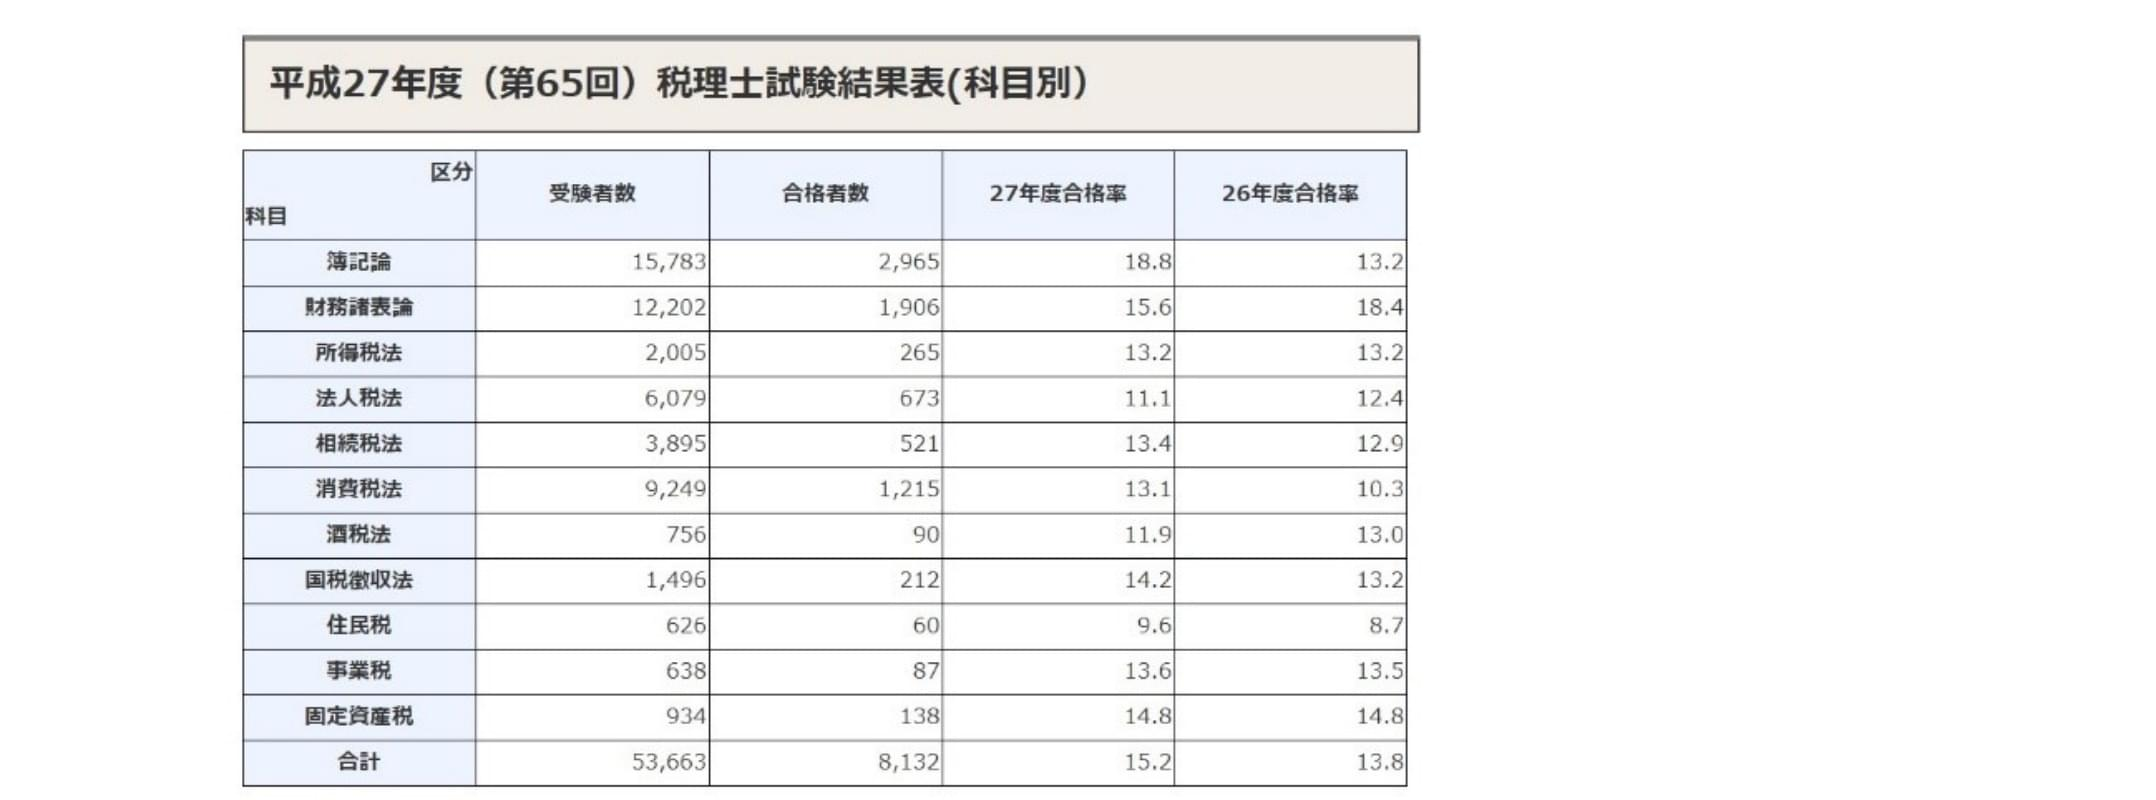 税理士合格率H27